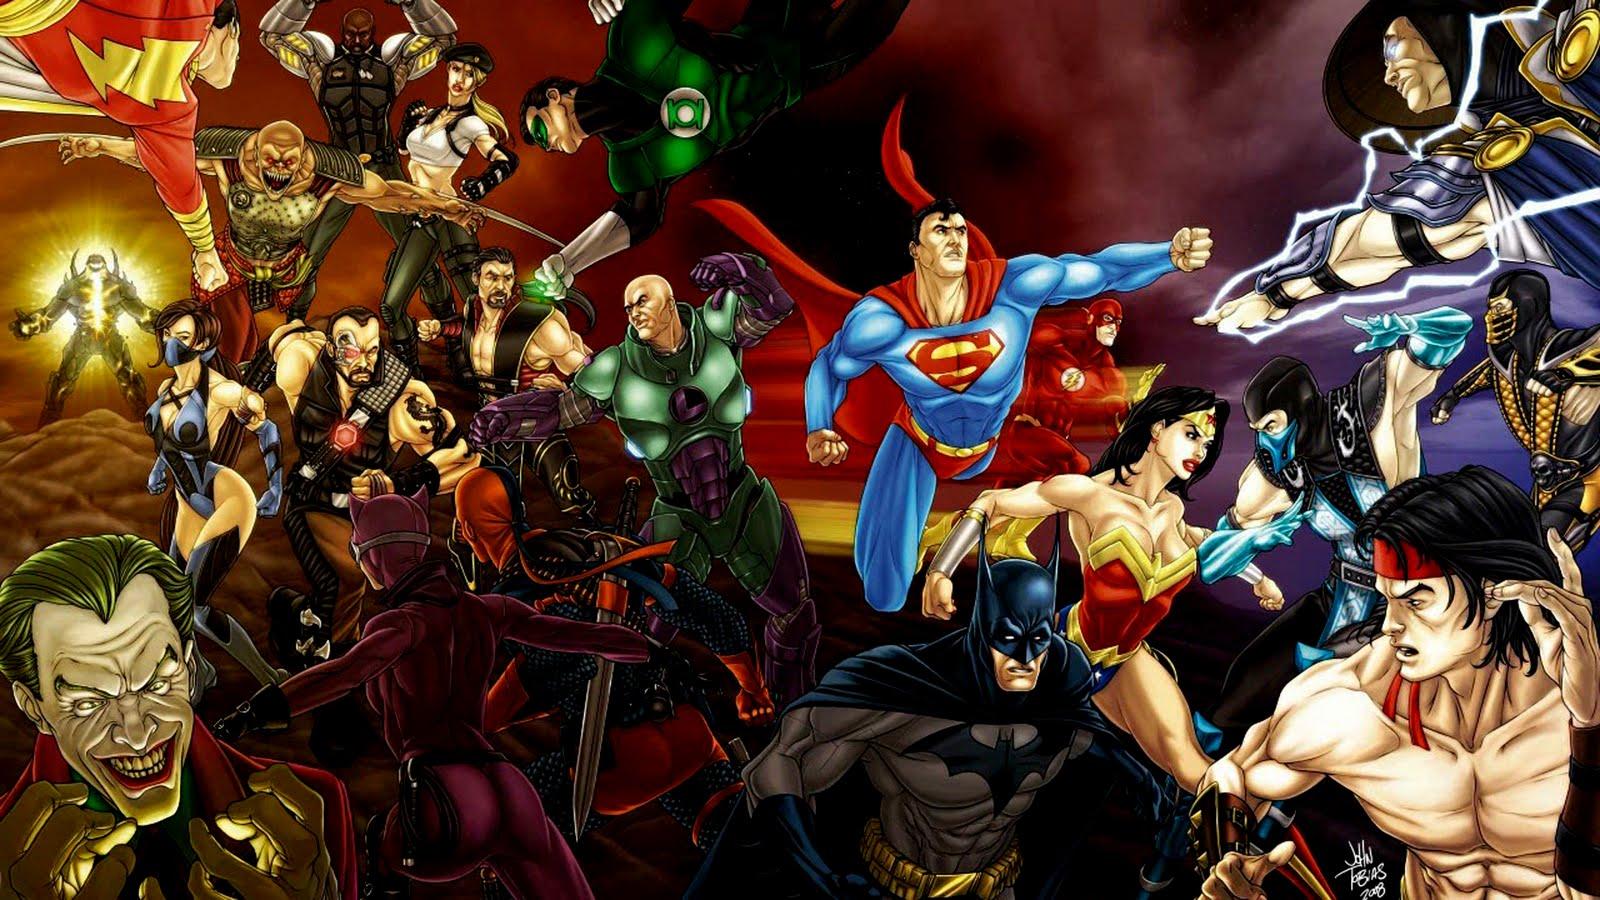 Central Wallpaper: DC Comics All Super Heroes HD Wallpapers